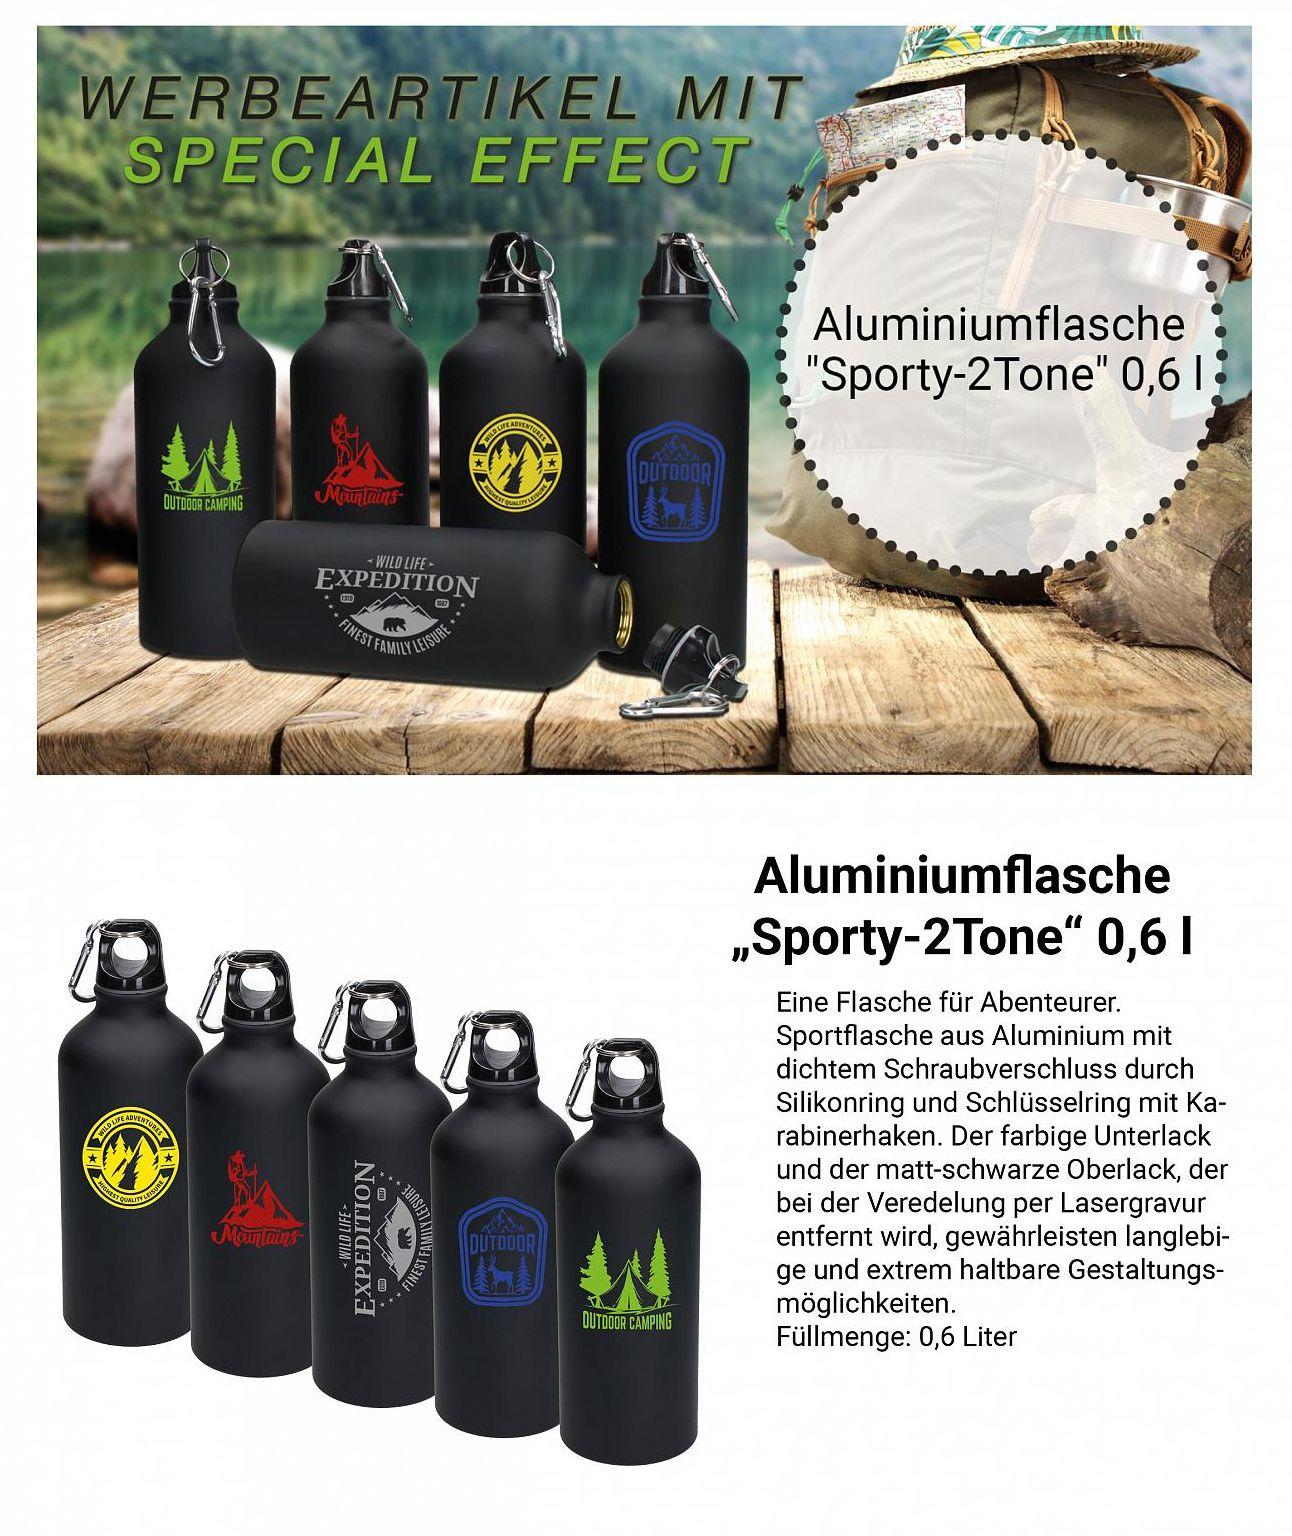 Sporty-2Tone